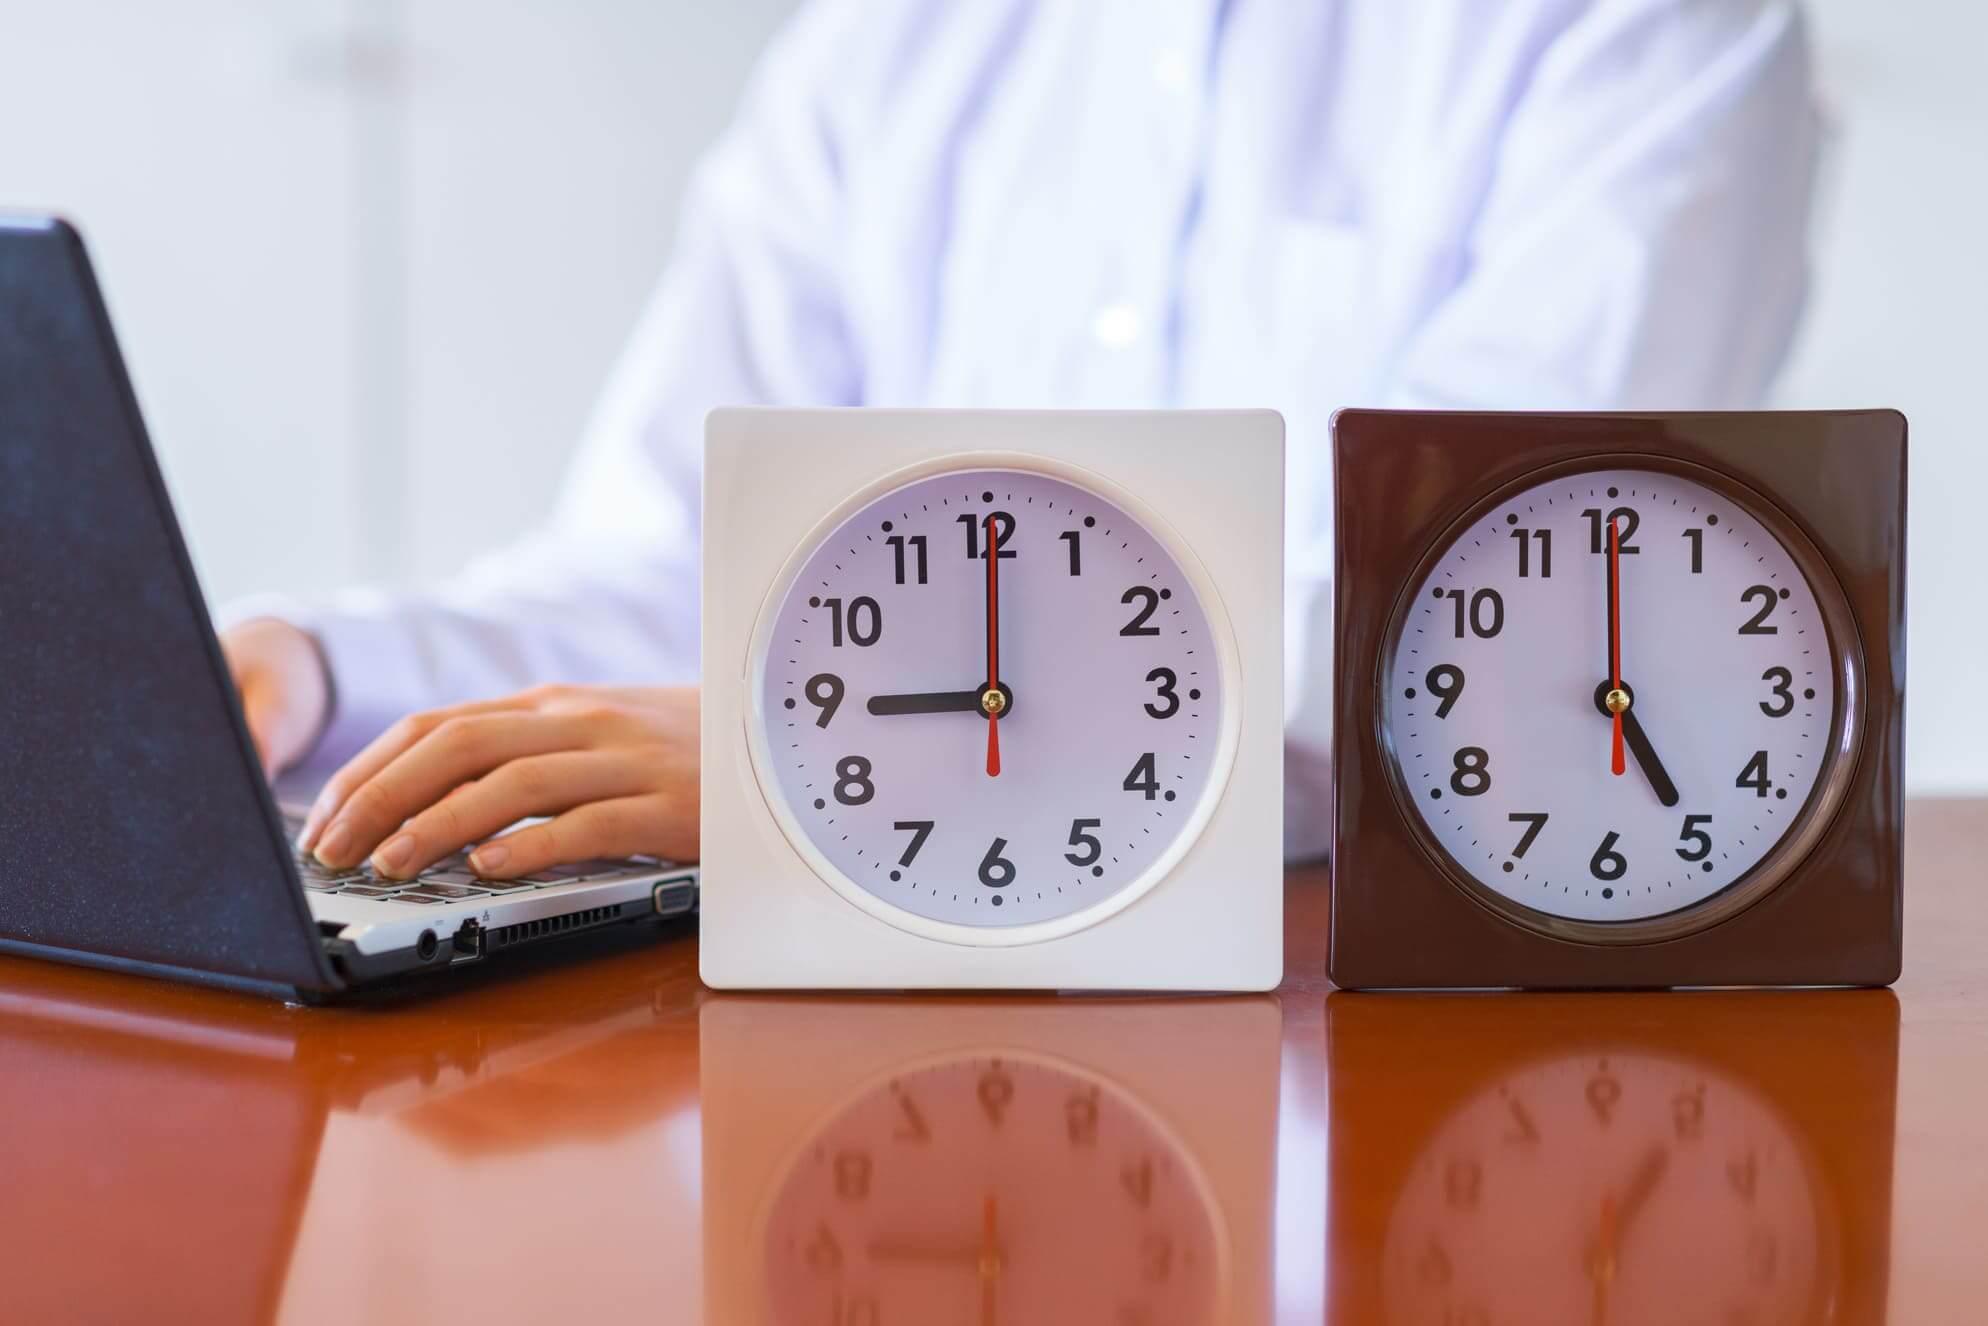 チャットレディが待機時間短縮のために行うテクニックとは?